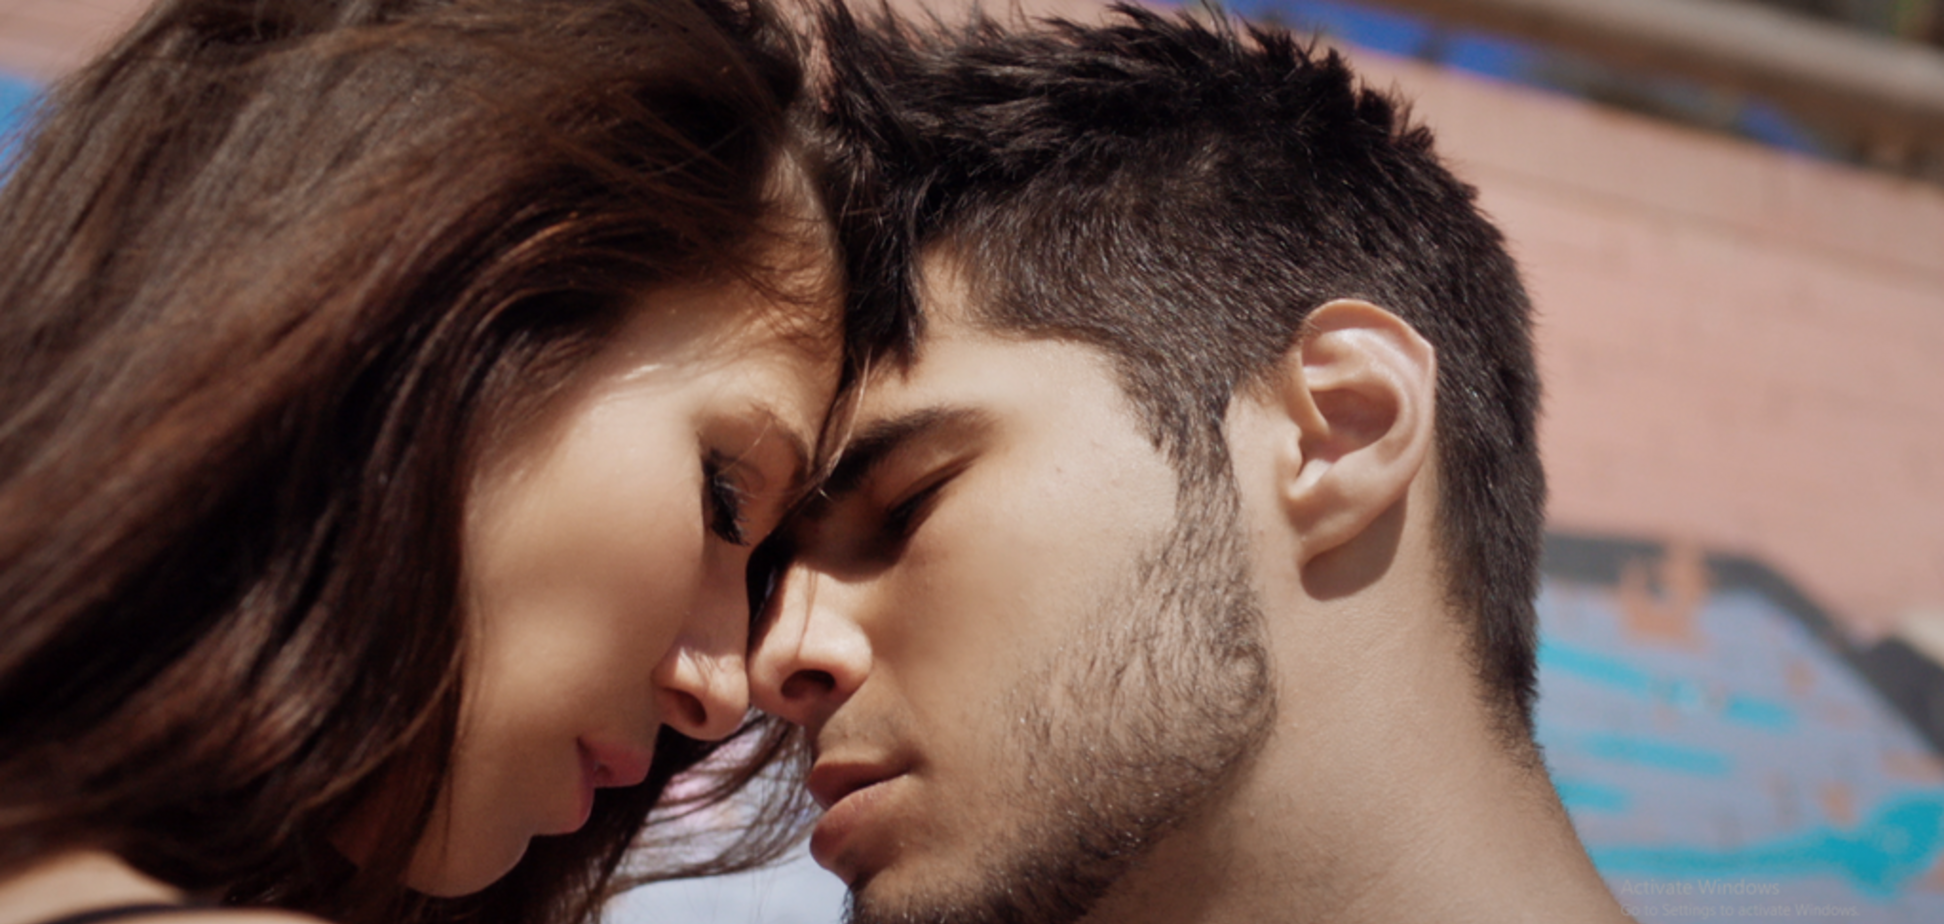 NIKITA LOMAKIN випустив гарячий кліп про продажне кохання